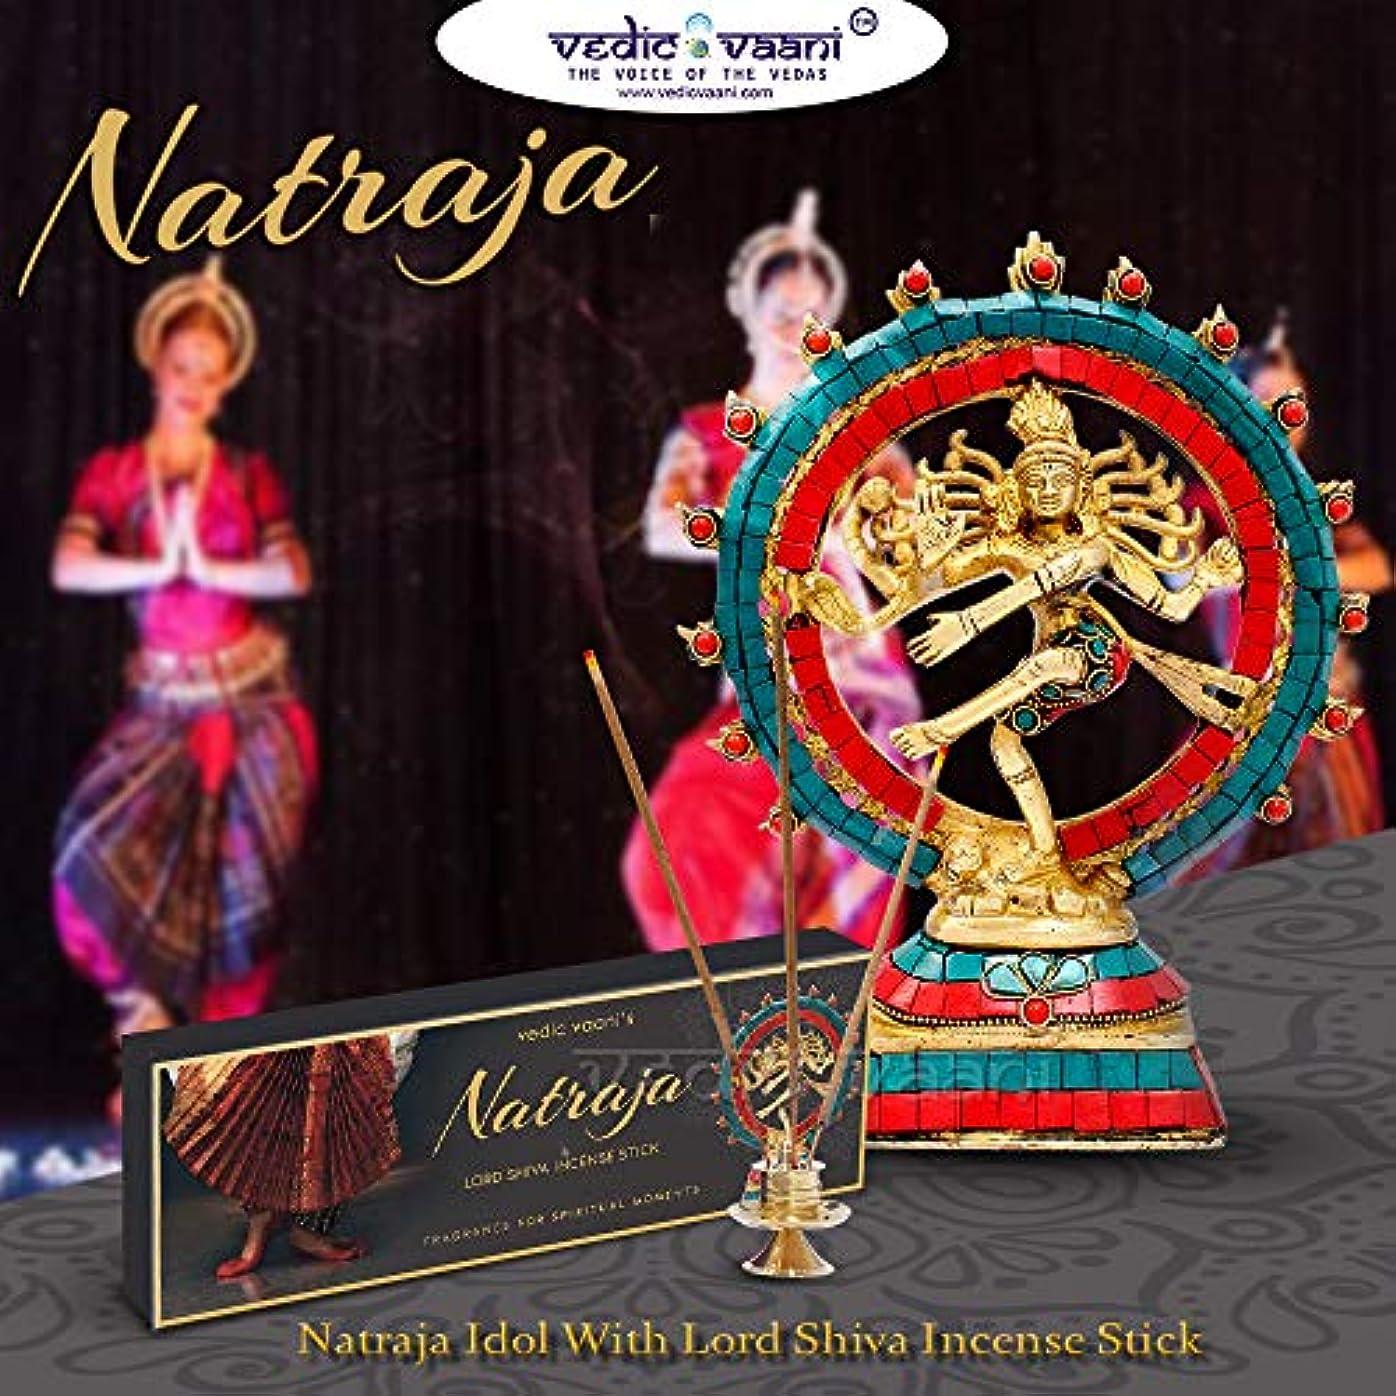 常識泳ぐ提唱するVedic Vaani Natraj (Lord Shiva) 踊る人形 Natraja お香付き - 100 GM